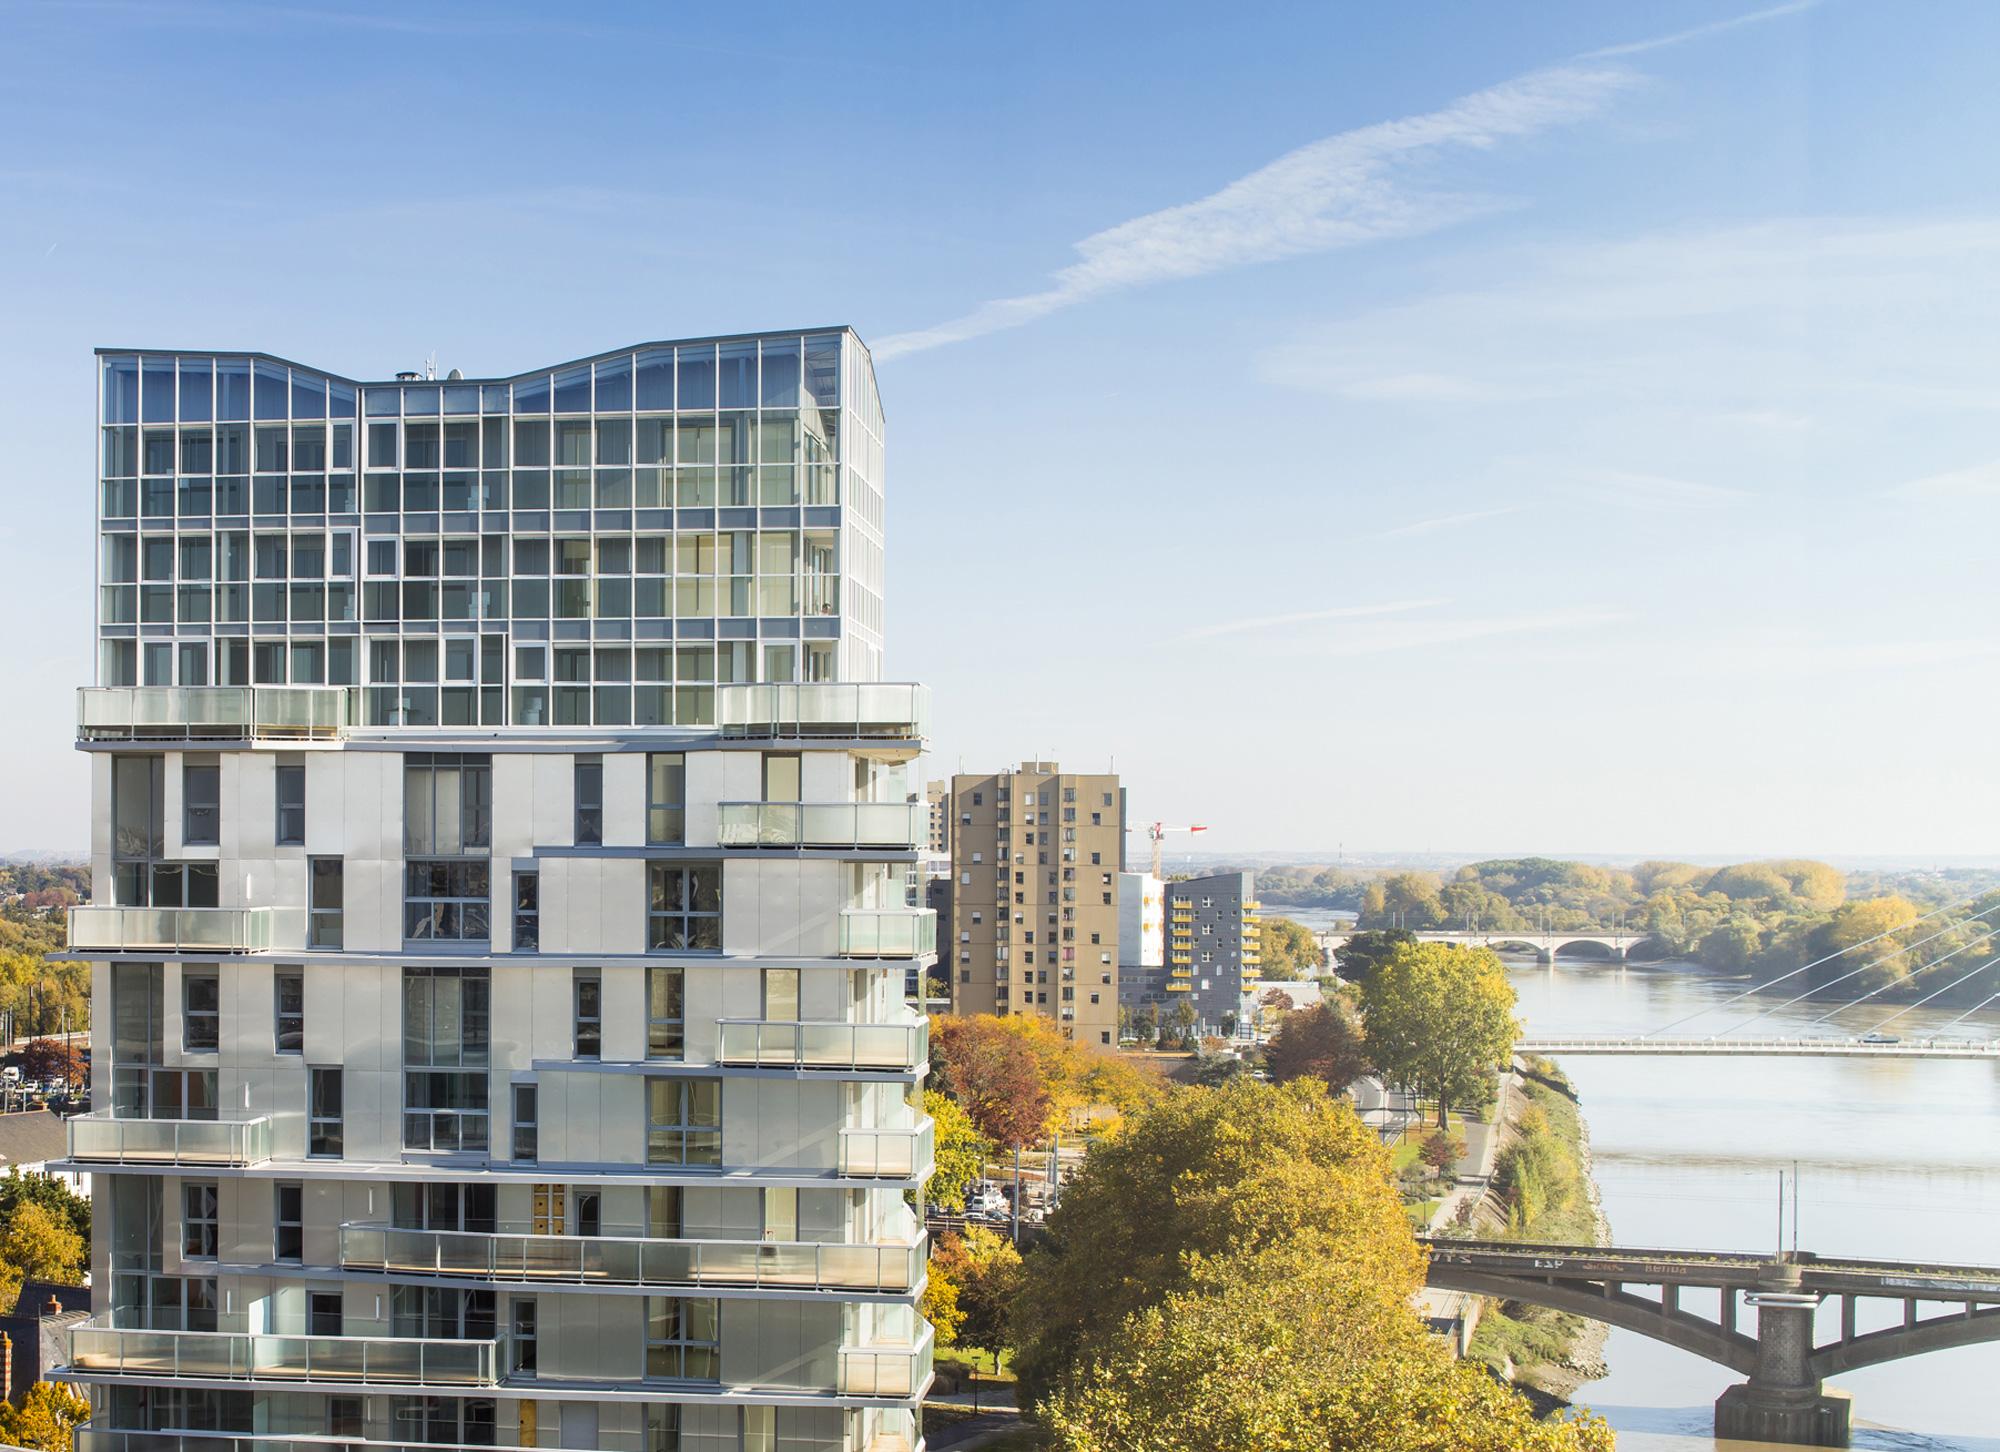 100 Fantastique Conseils Berranger Et Vincent Architectes